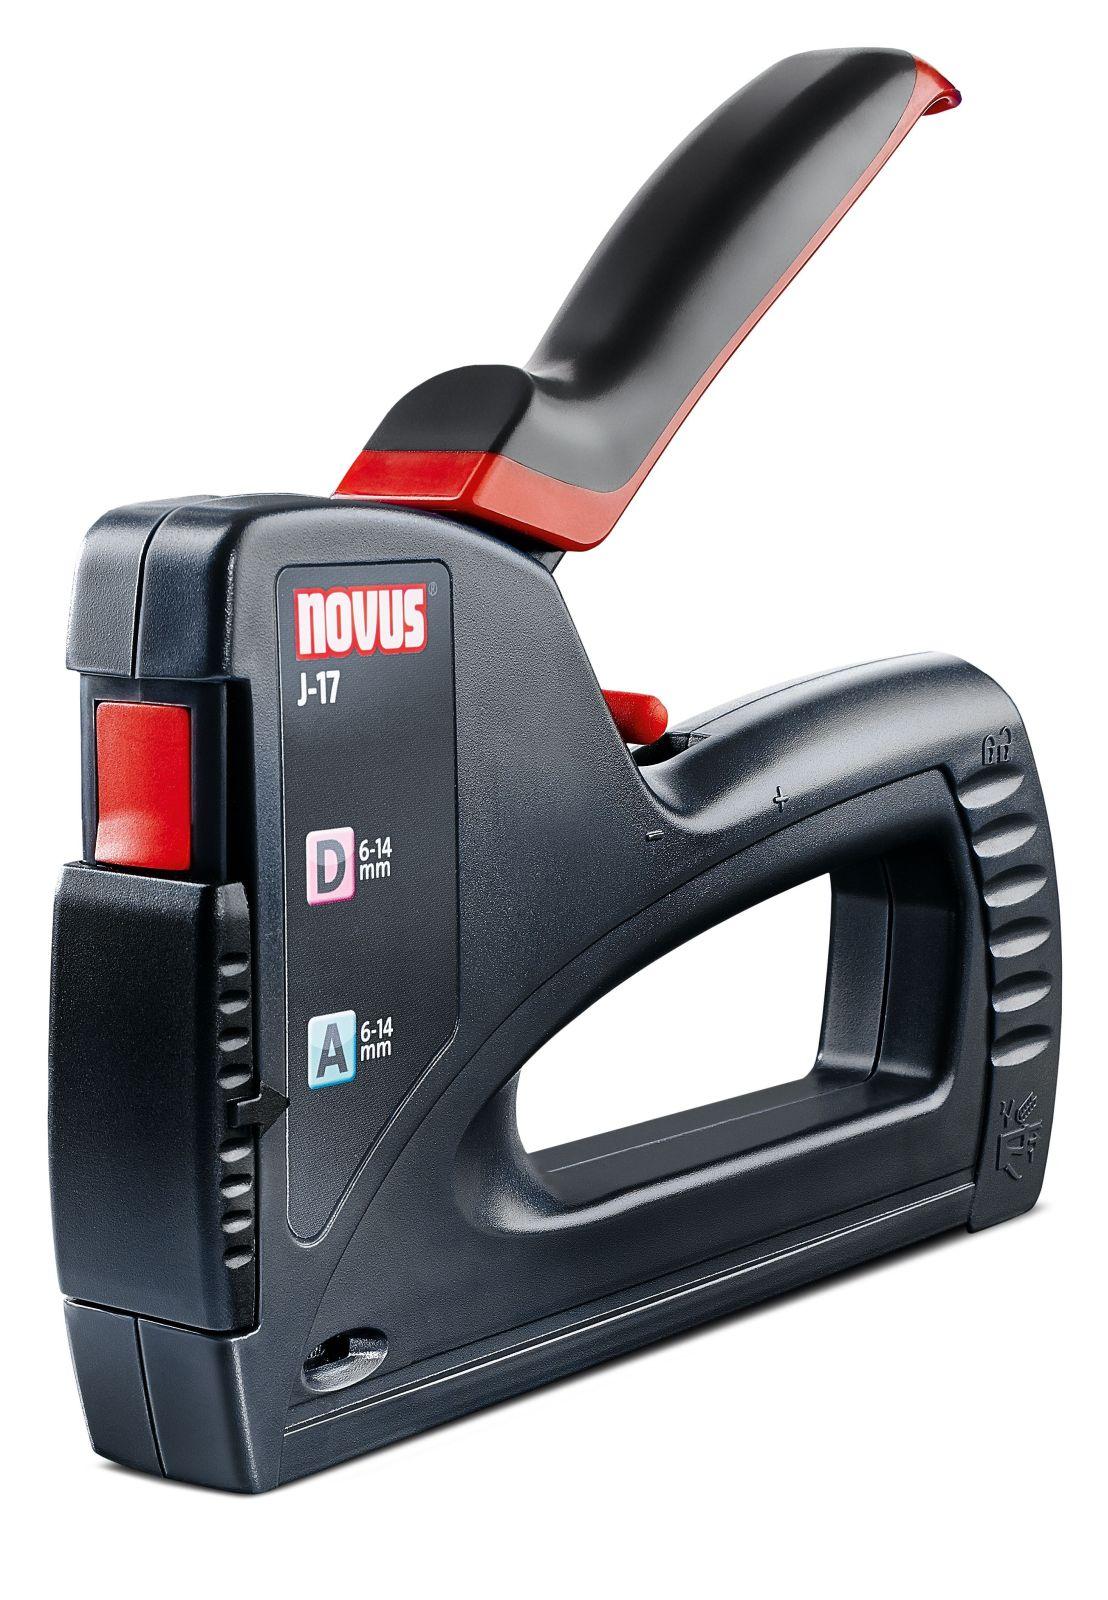 novus j 17 dual power handtacker profitacker. Black Bedroom Furniture Sets. Home Design Ideas